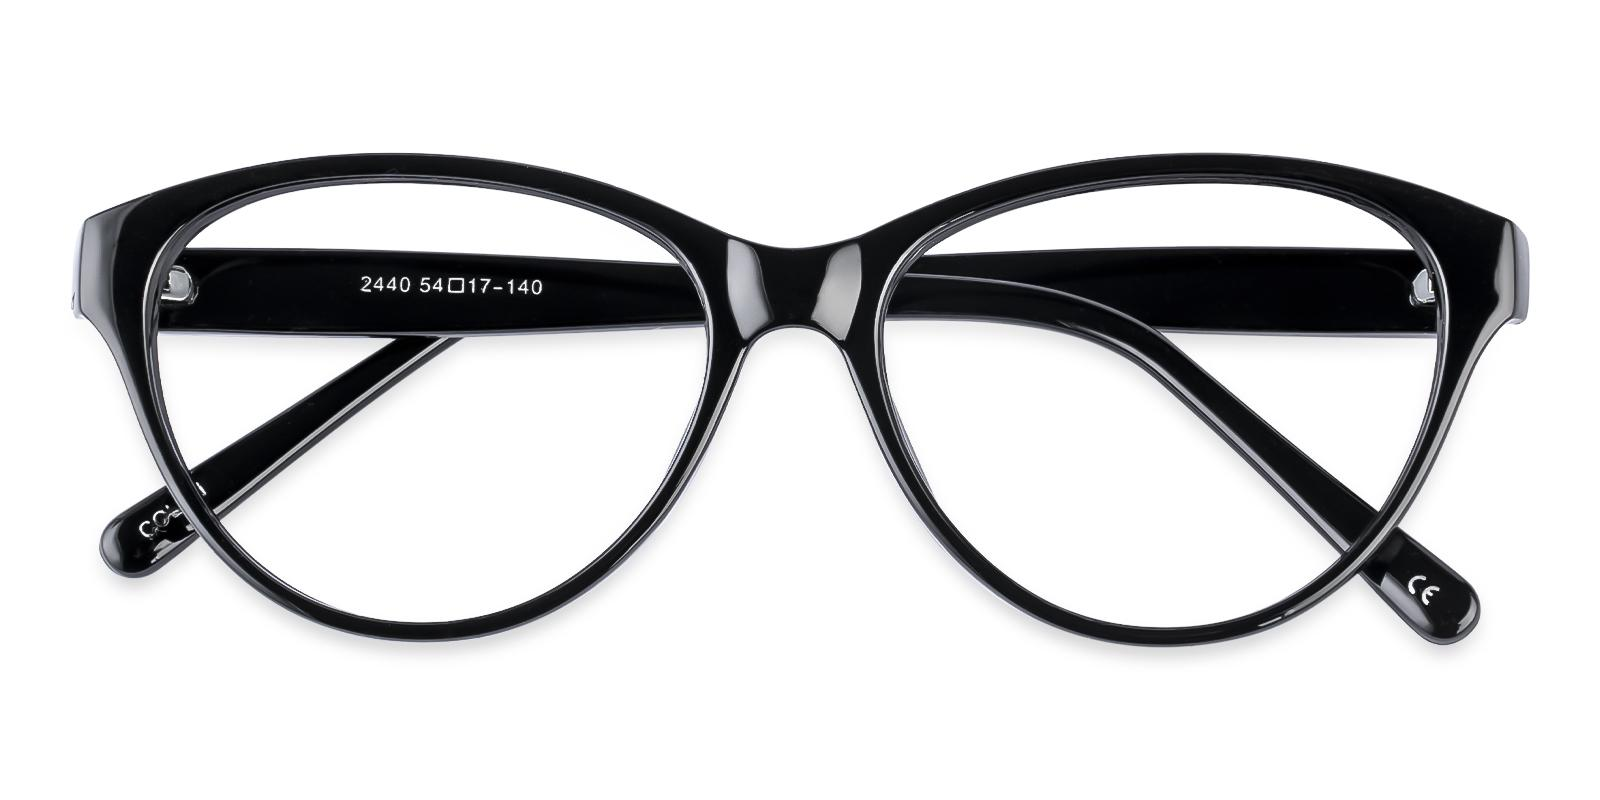 Flame Black Plastic Eyeglasses , UniversalBridgeFit Frames from ABBE Glasses